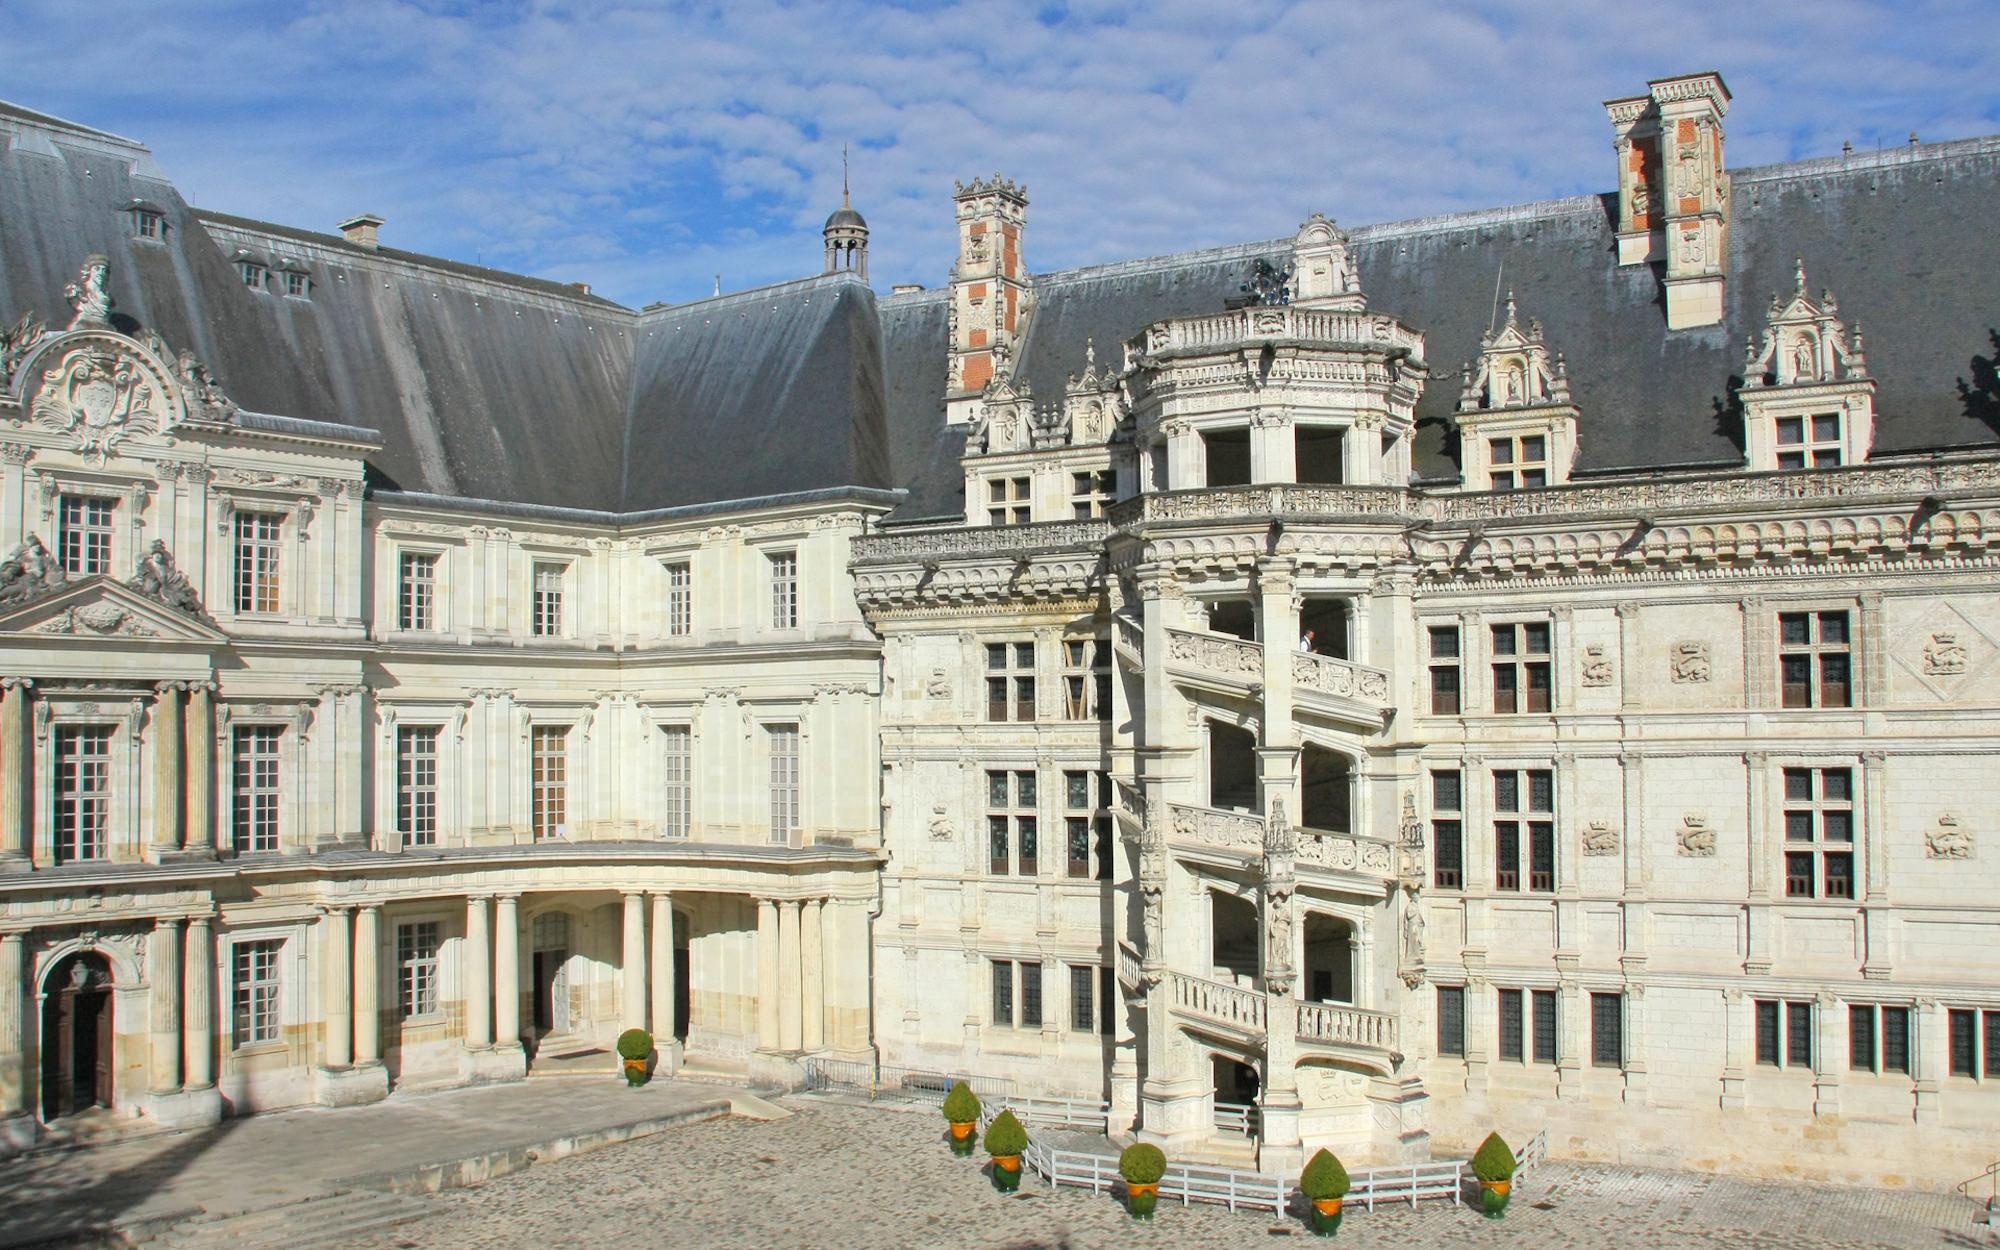 Les appartements royaux ch teau royal de blois for Salon du chiot blois